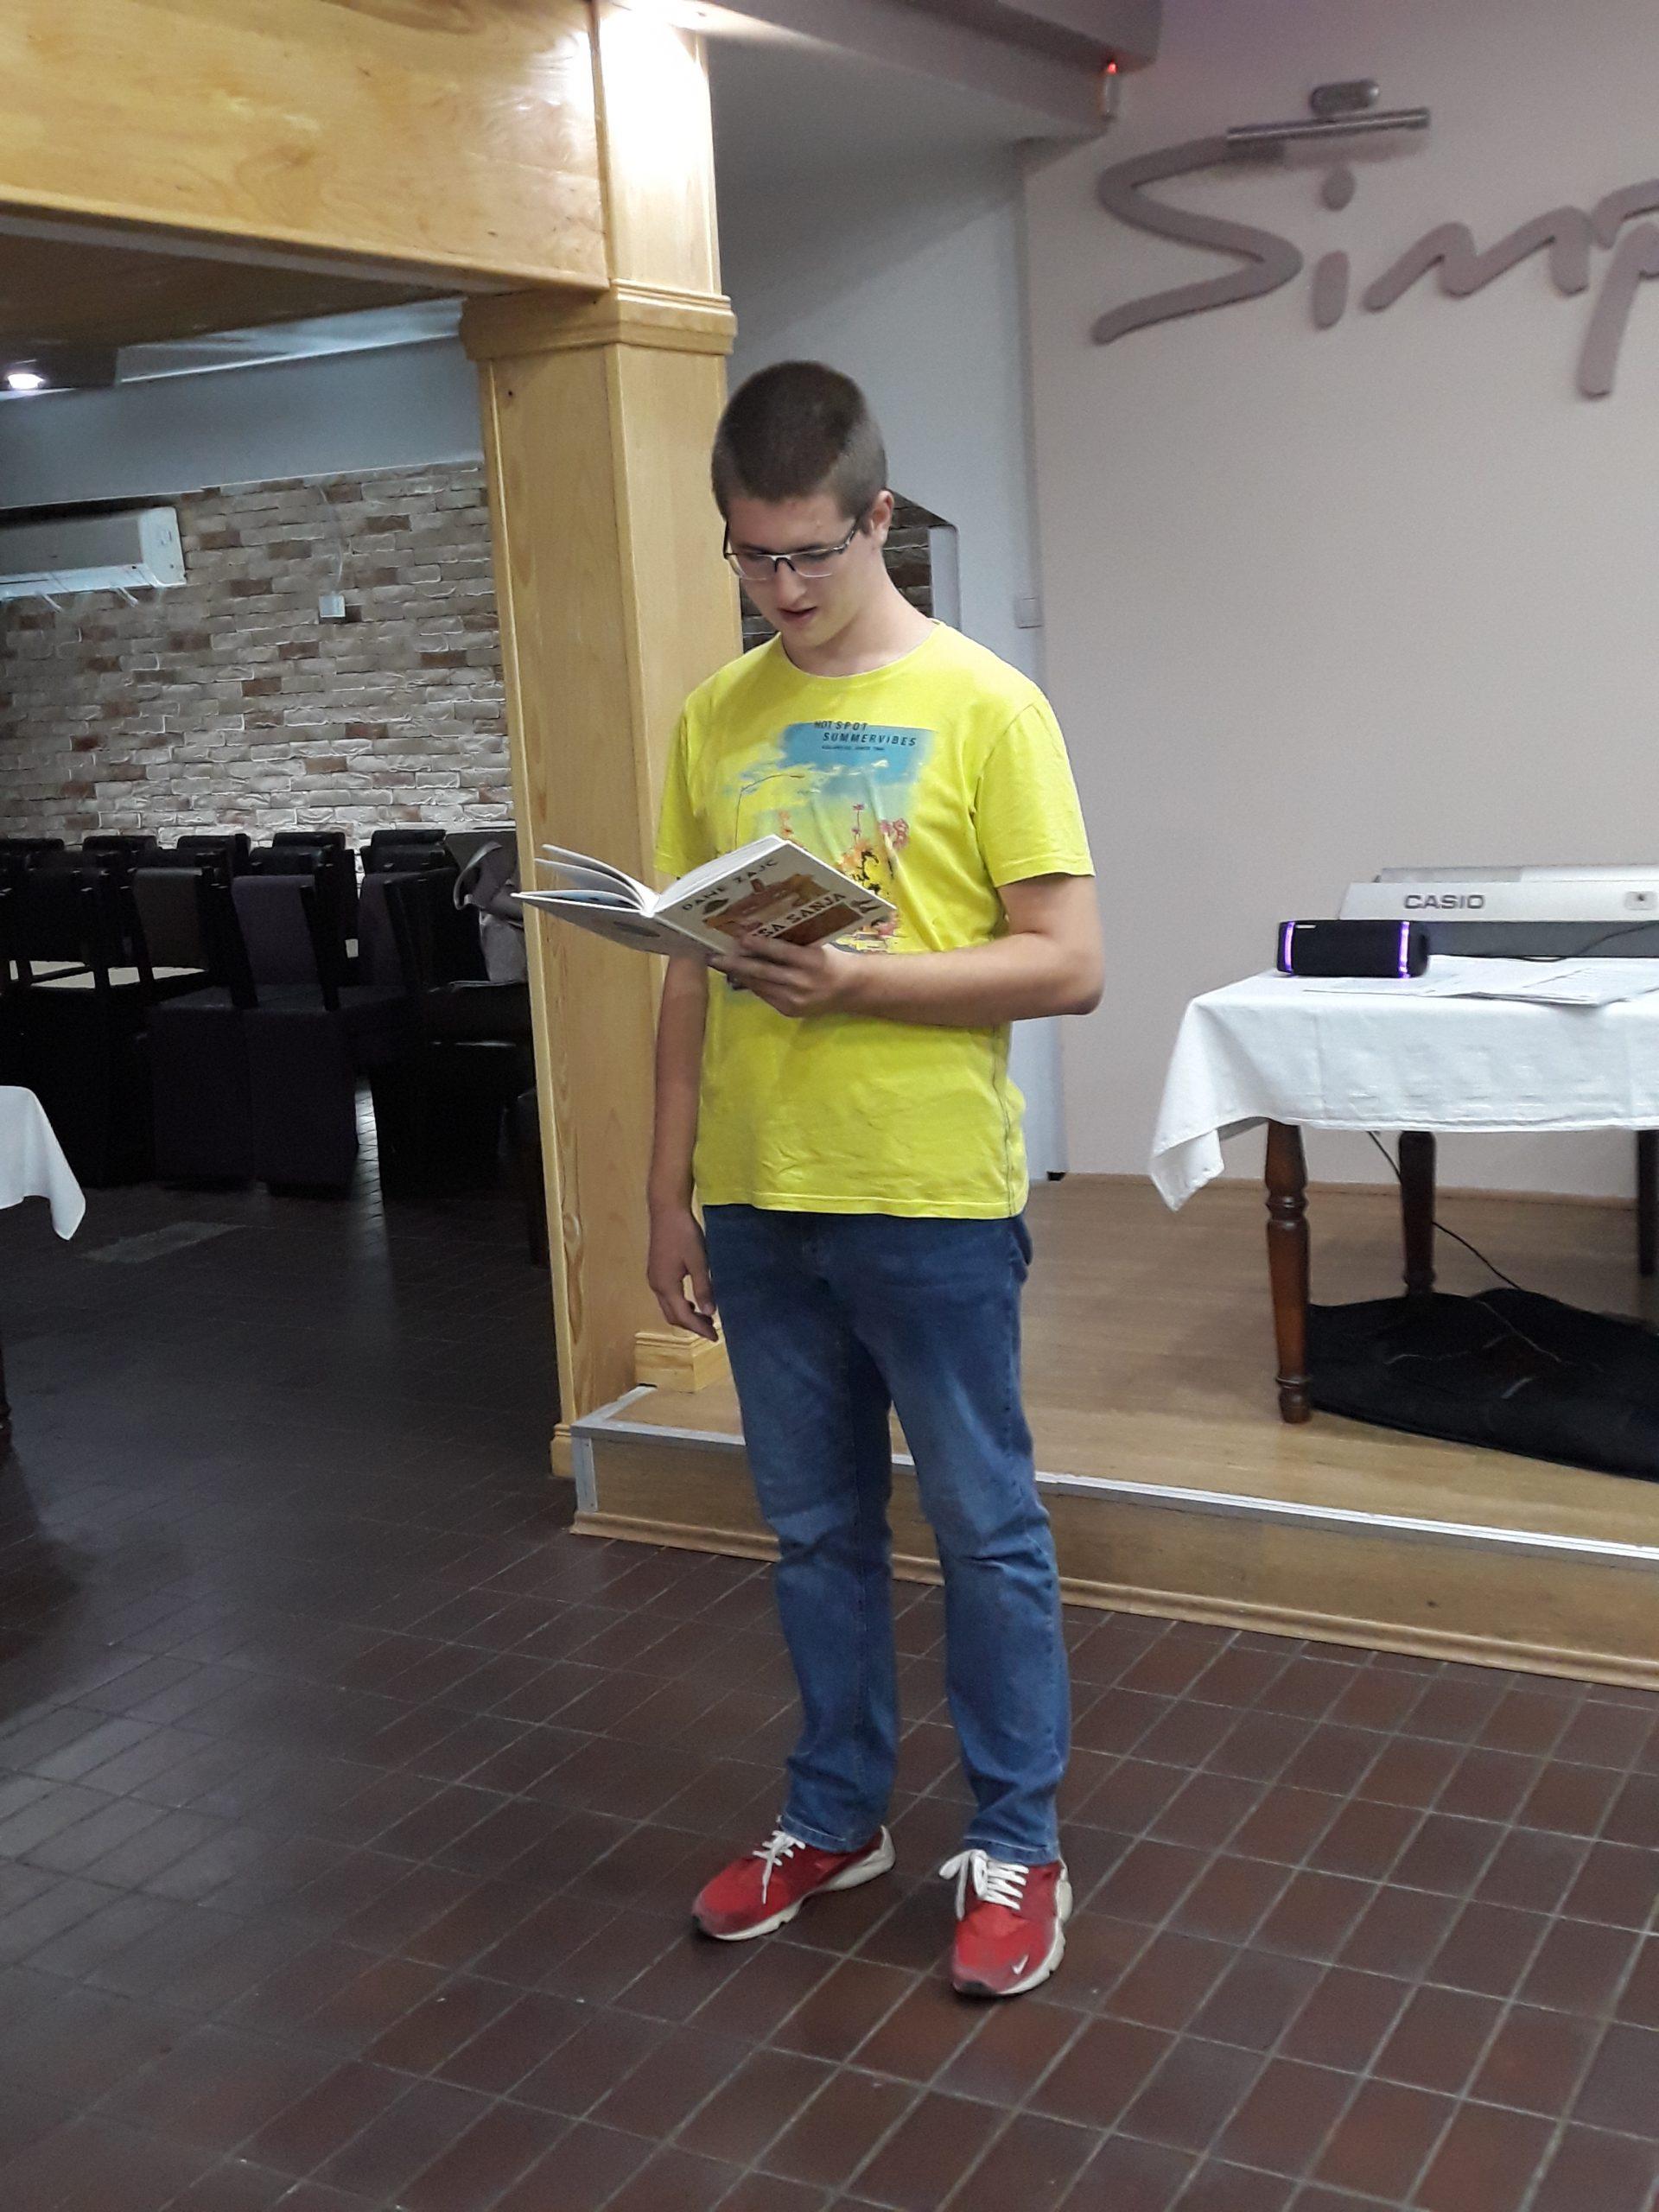 Nastopajoči s knjigo.